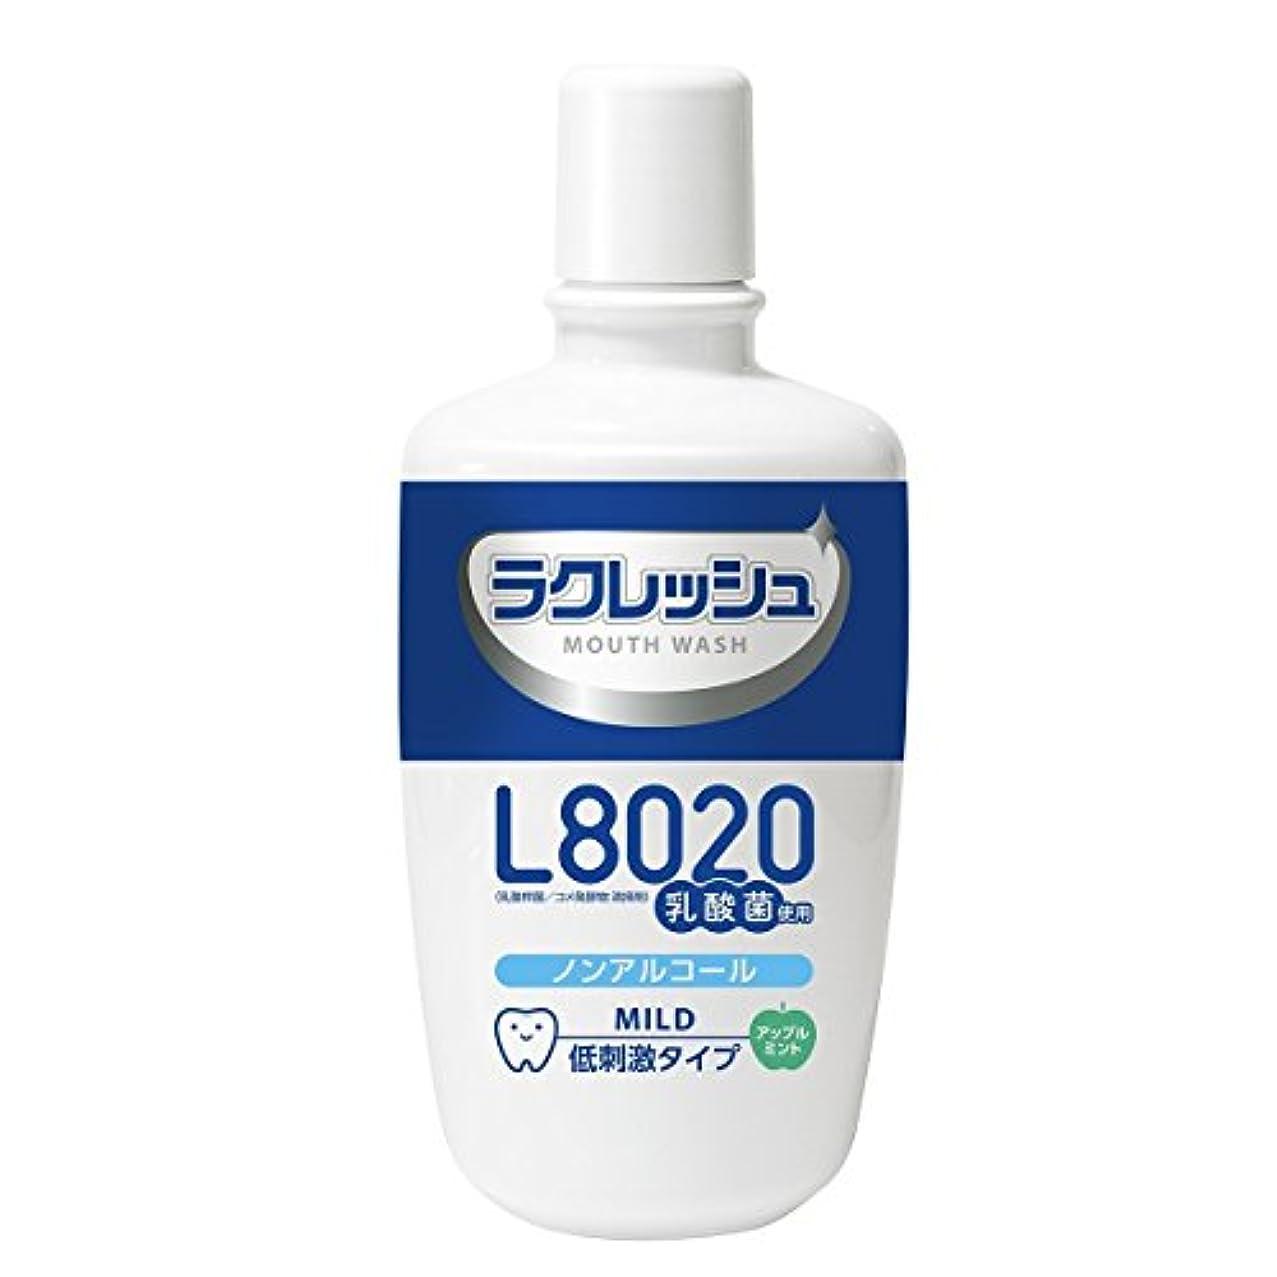 酸化物スカウト間違いラクレッシュ L8020菌 マウスウォッシュ 6本セット